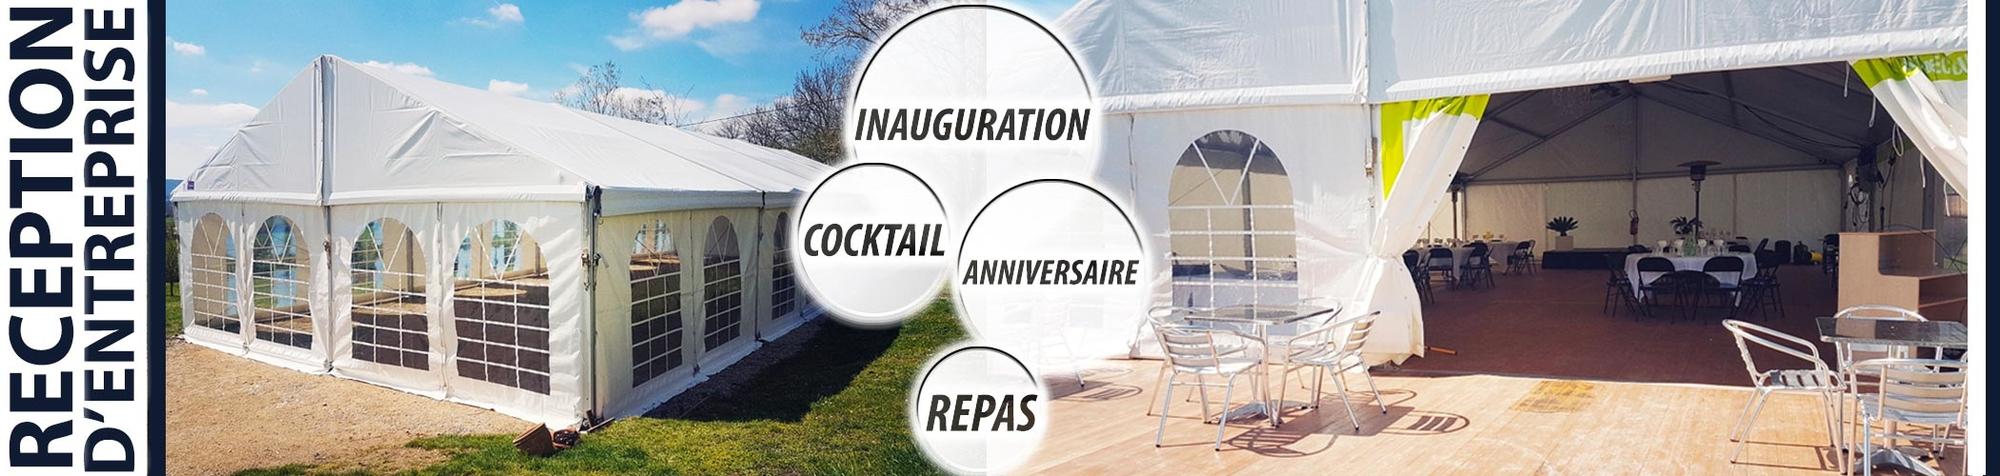 Réception d'entreprise : cocktail, buffet, anniversaire, inauguration, repas, afterwork, séminaire !